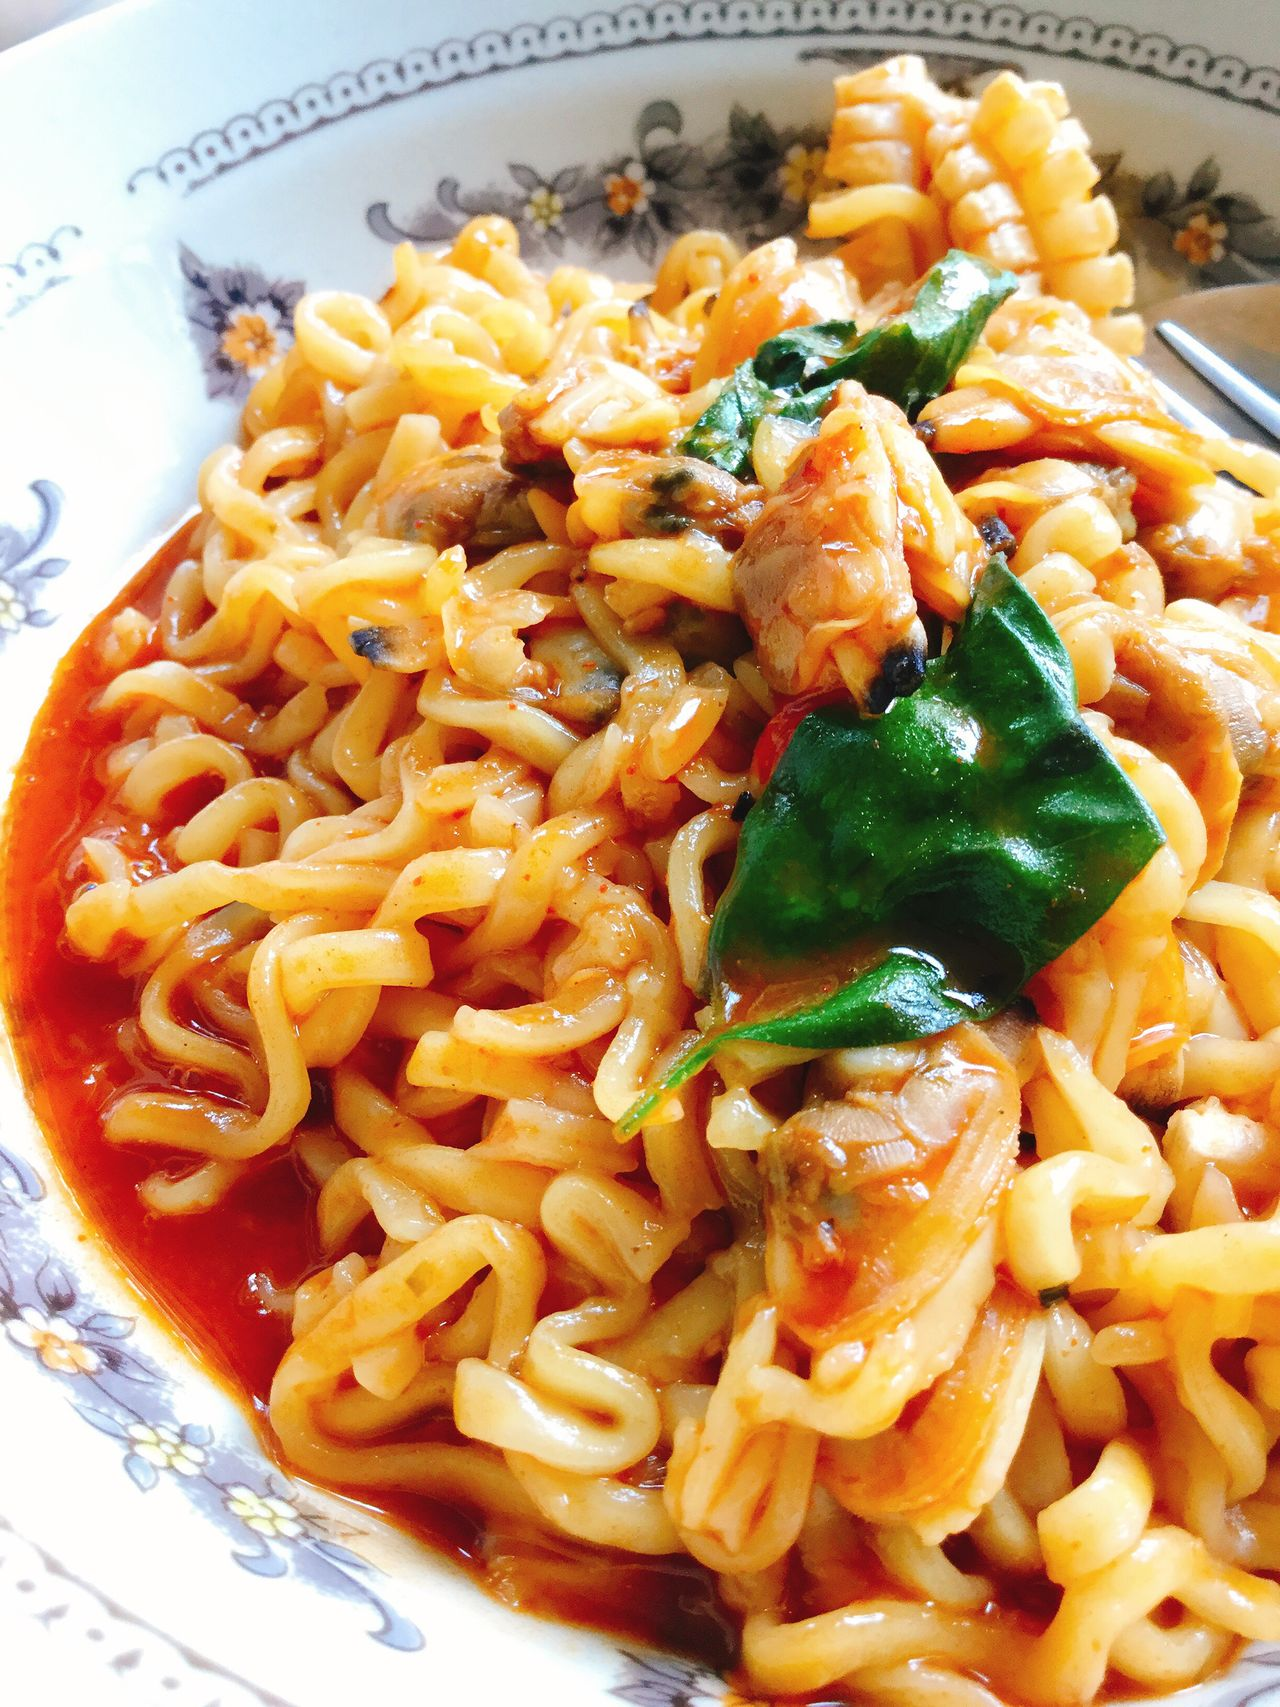 มาม่าเกาหลี 불닭볶음면 (บุลดักโบกกึมมยอน) Food Food And Drink Ready-to-eat Close-up Noodles Korea Food